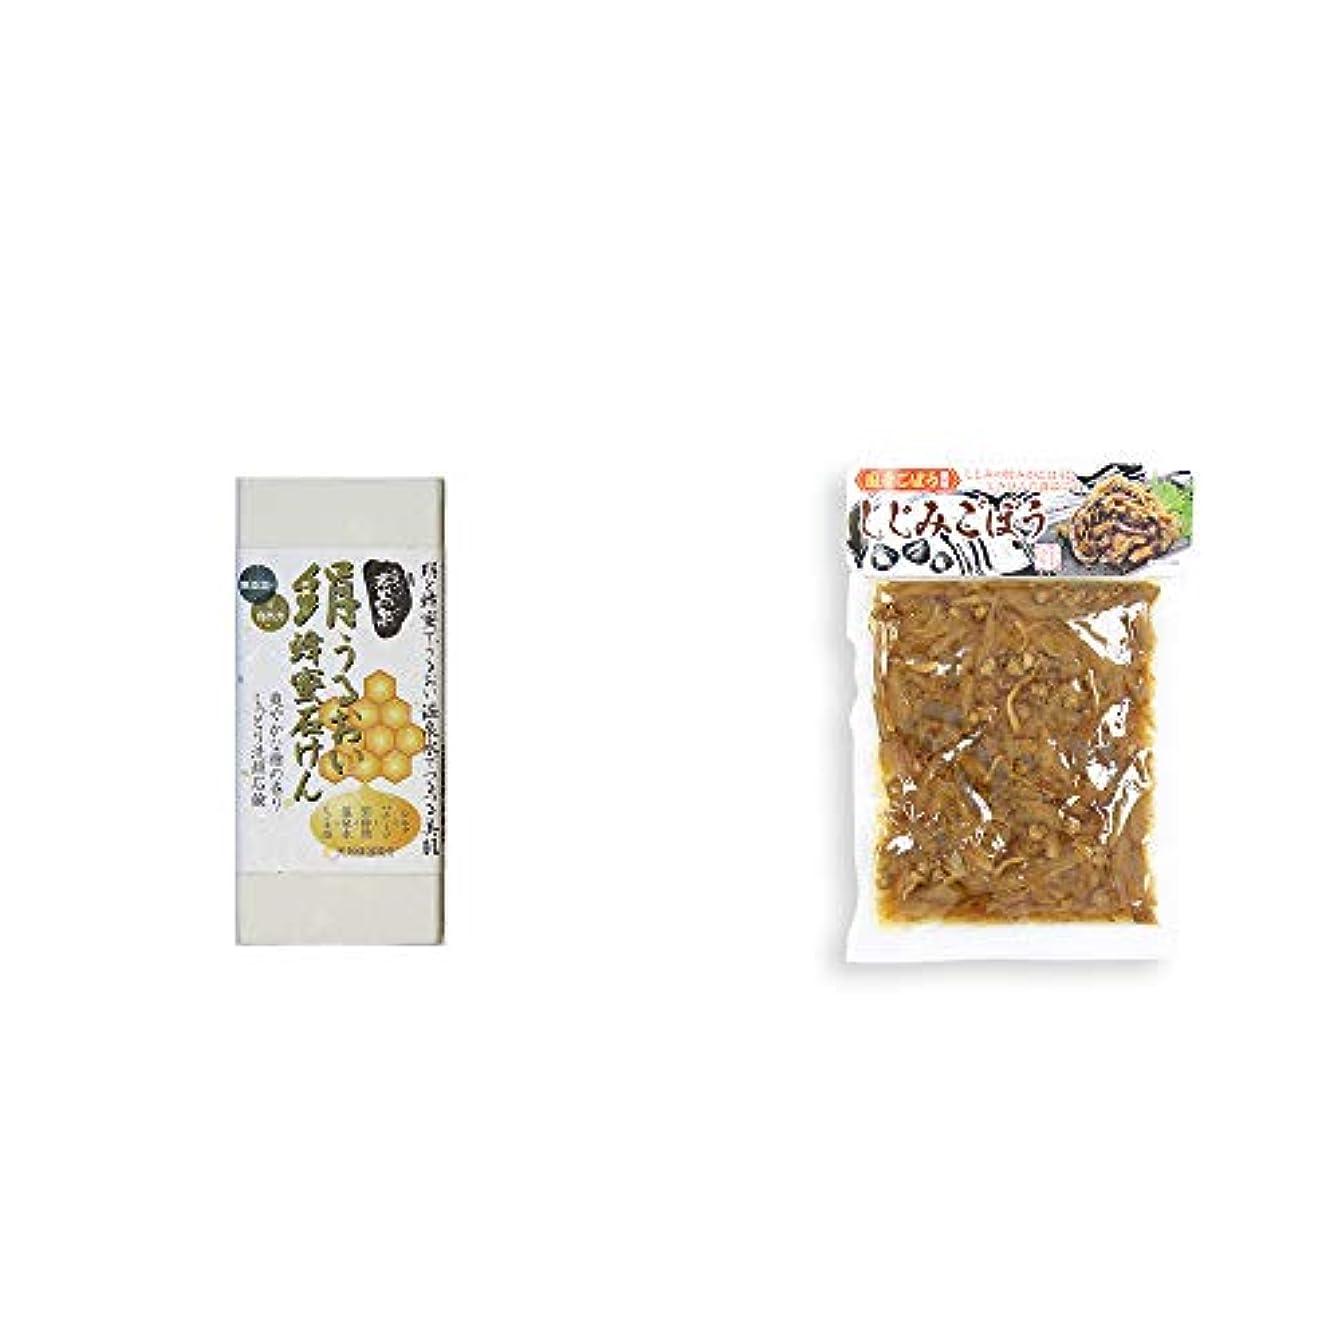 ビヨン彼基準[2点セット] ひのき炭黒泉 絹うるおい蜂蜜石けん(75g×2)?しじみごぼう(300g)